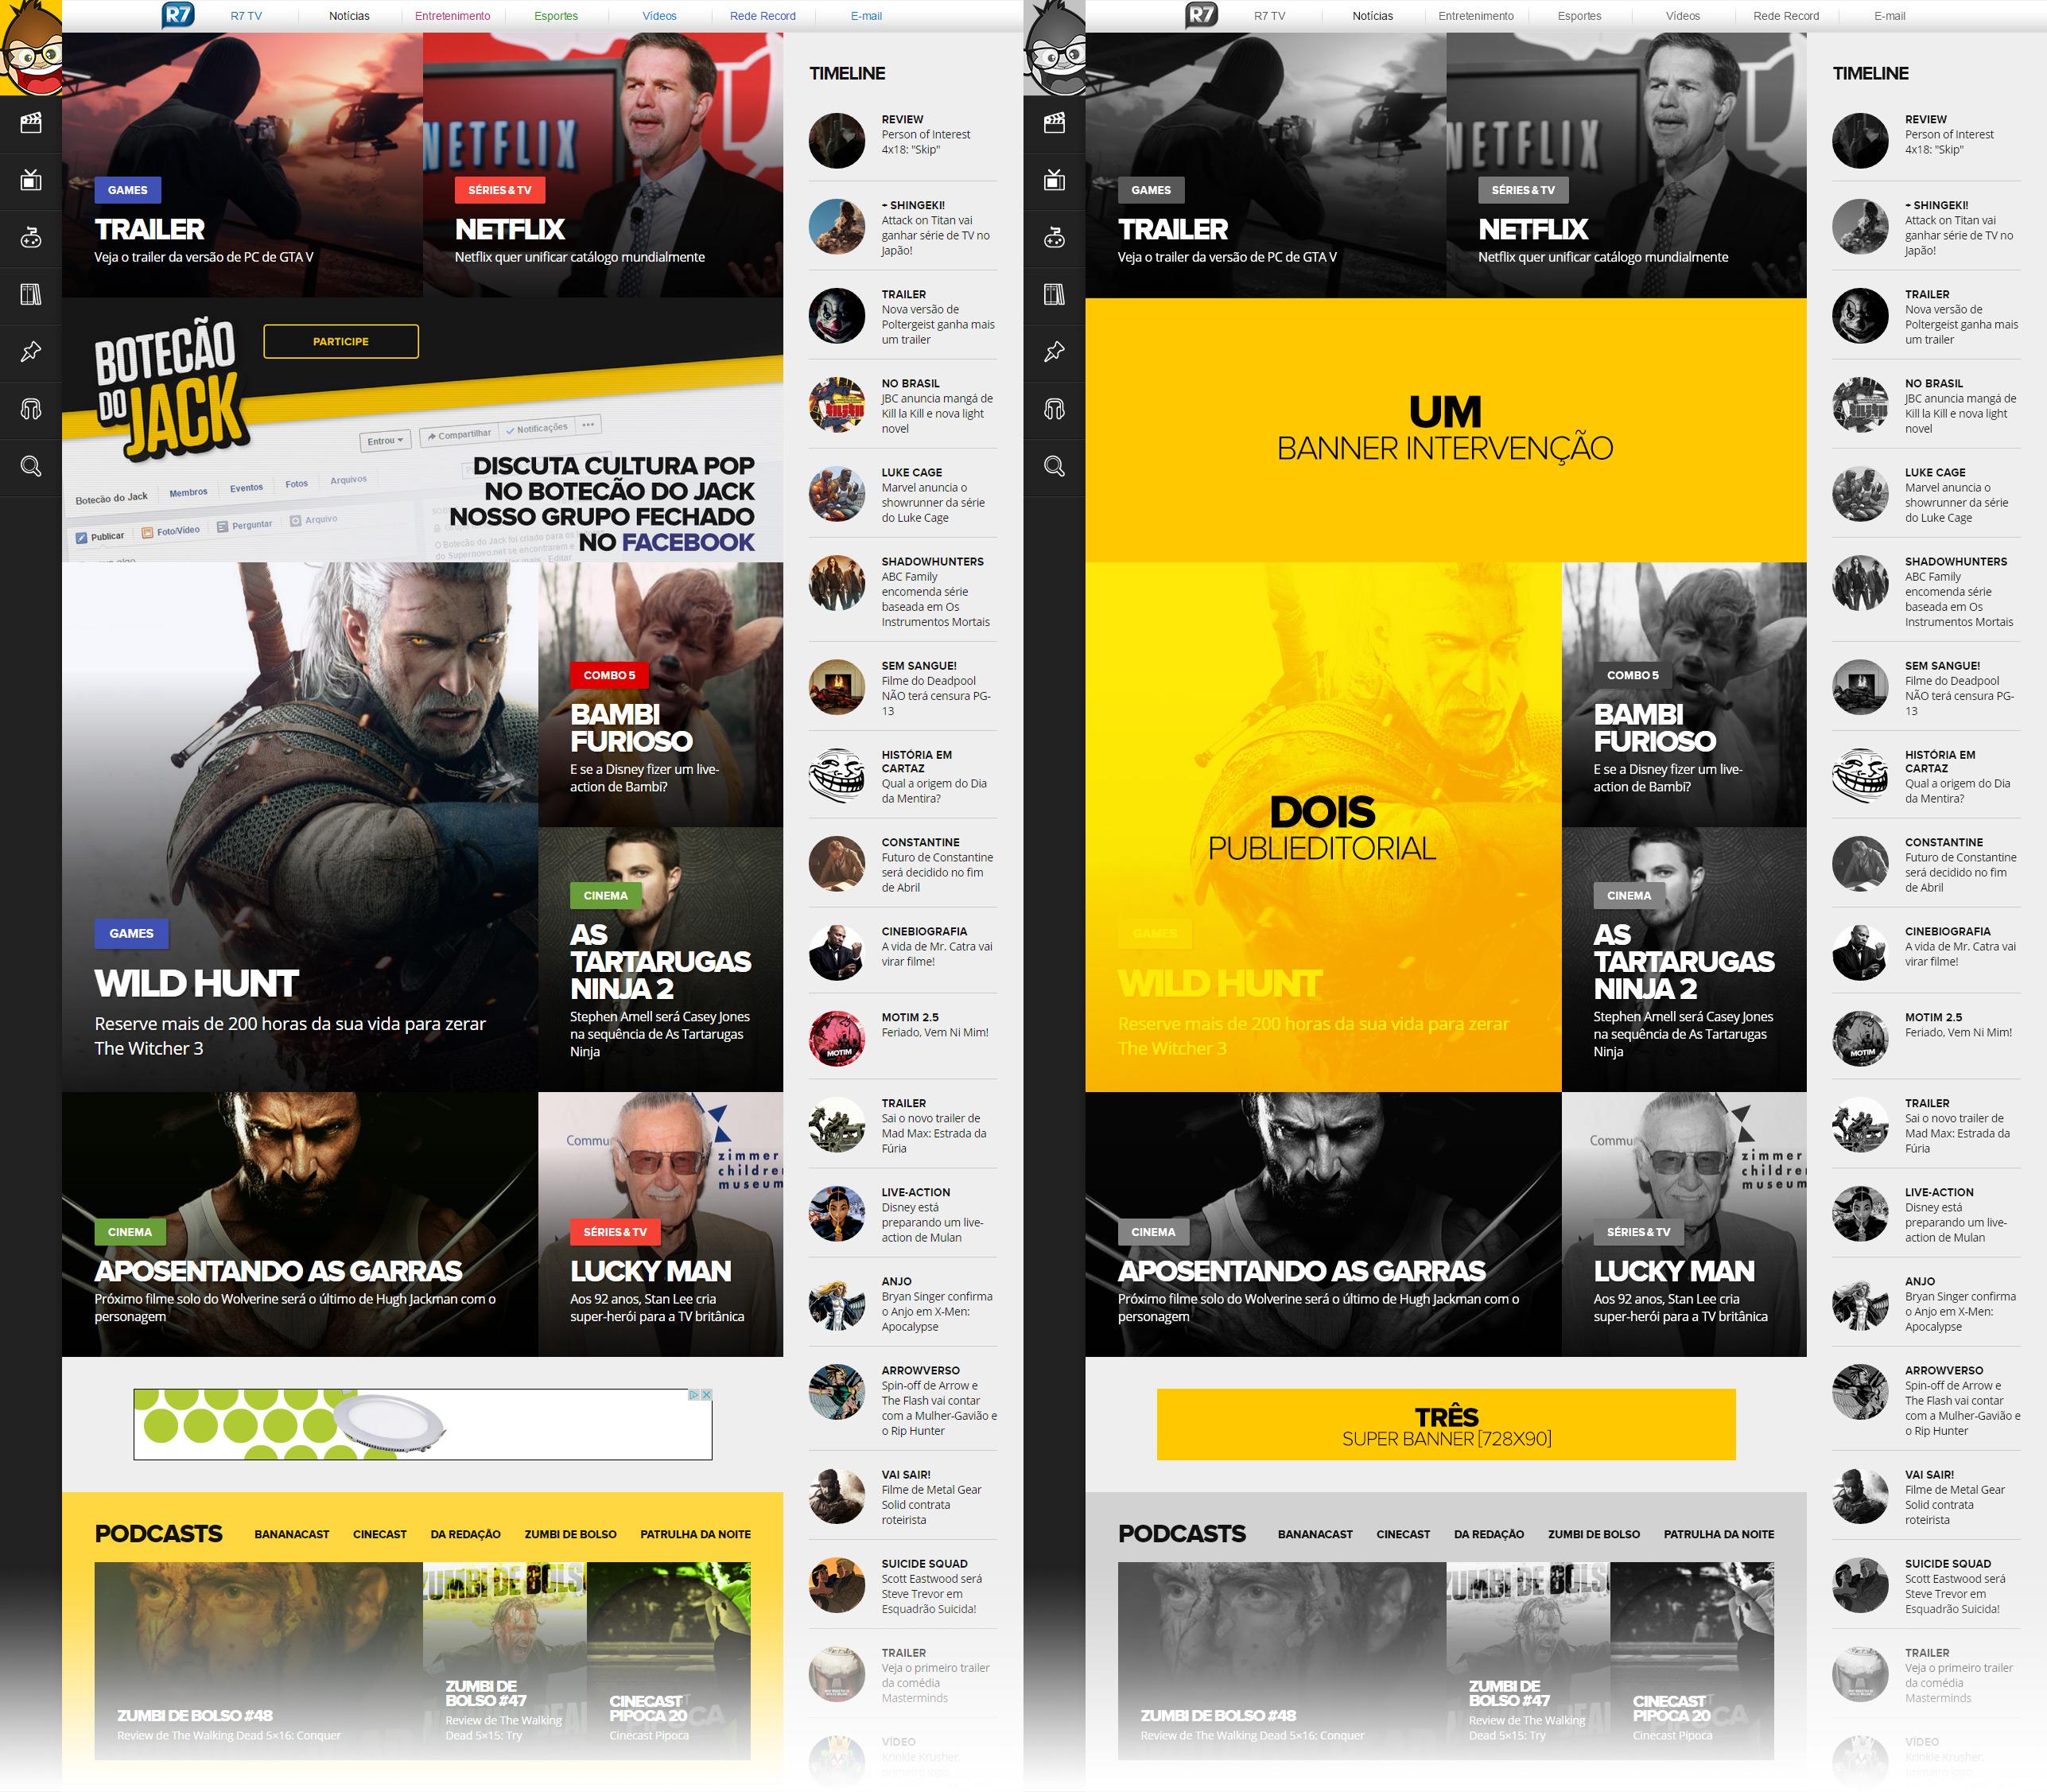 Exemplos 1, 2 e 3 de publicidade